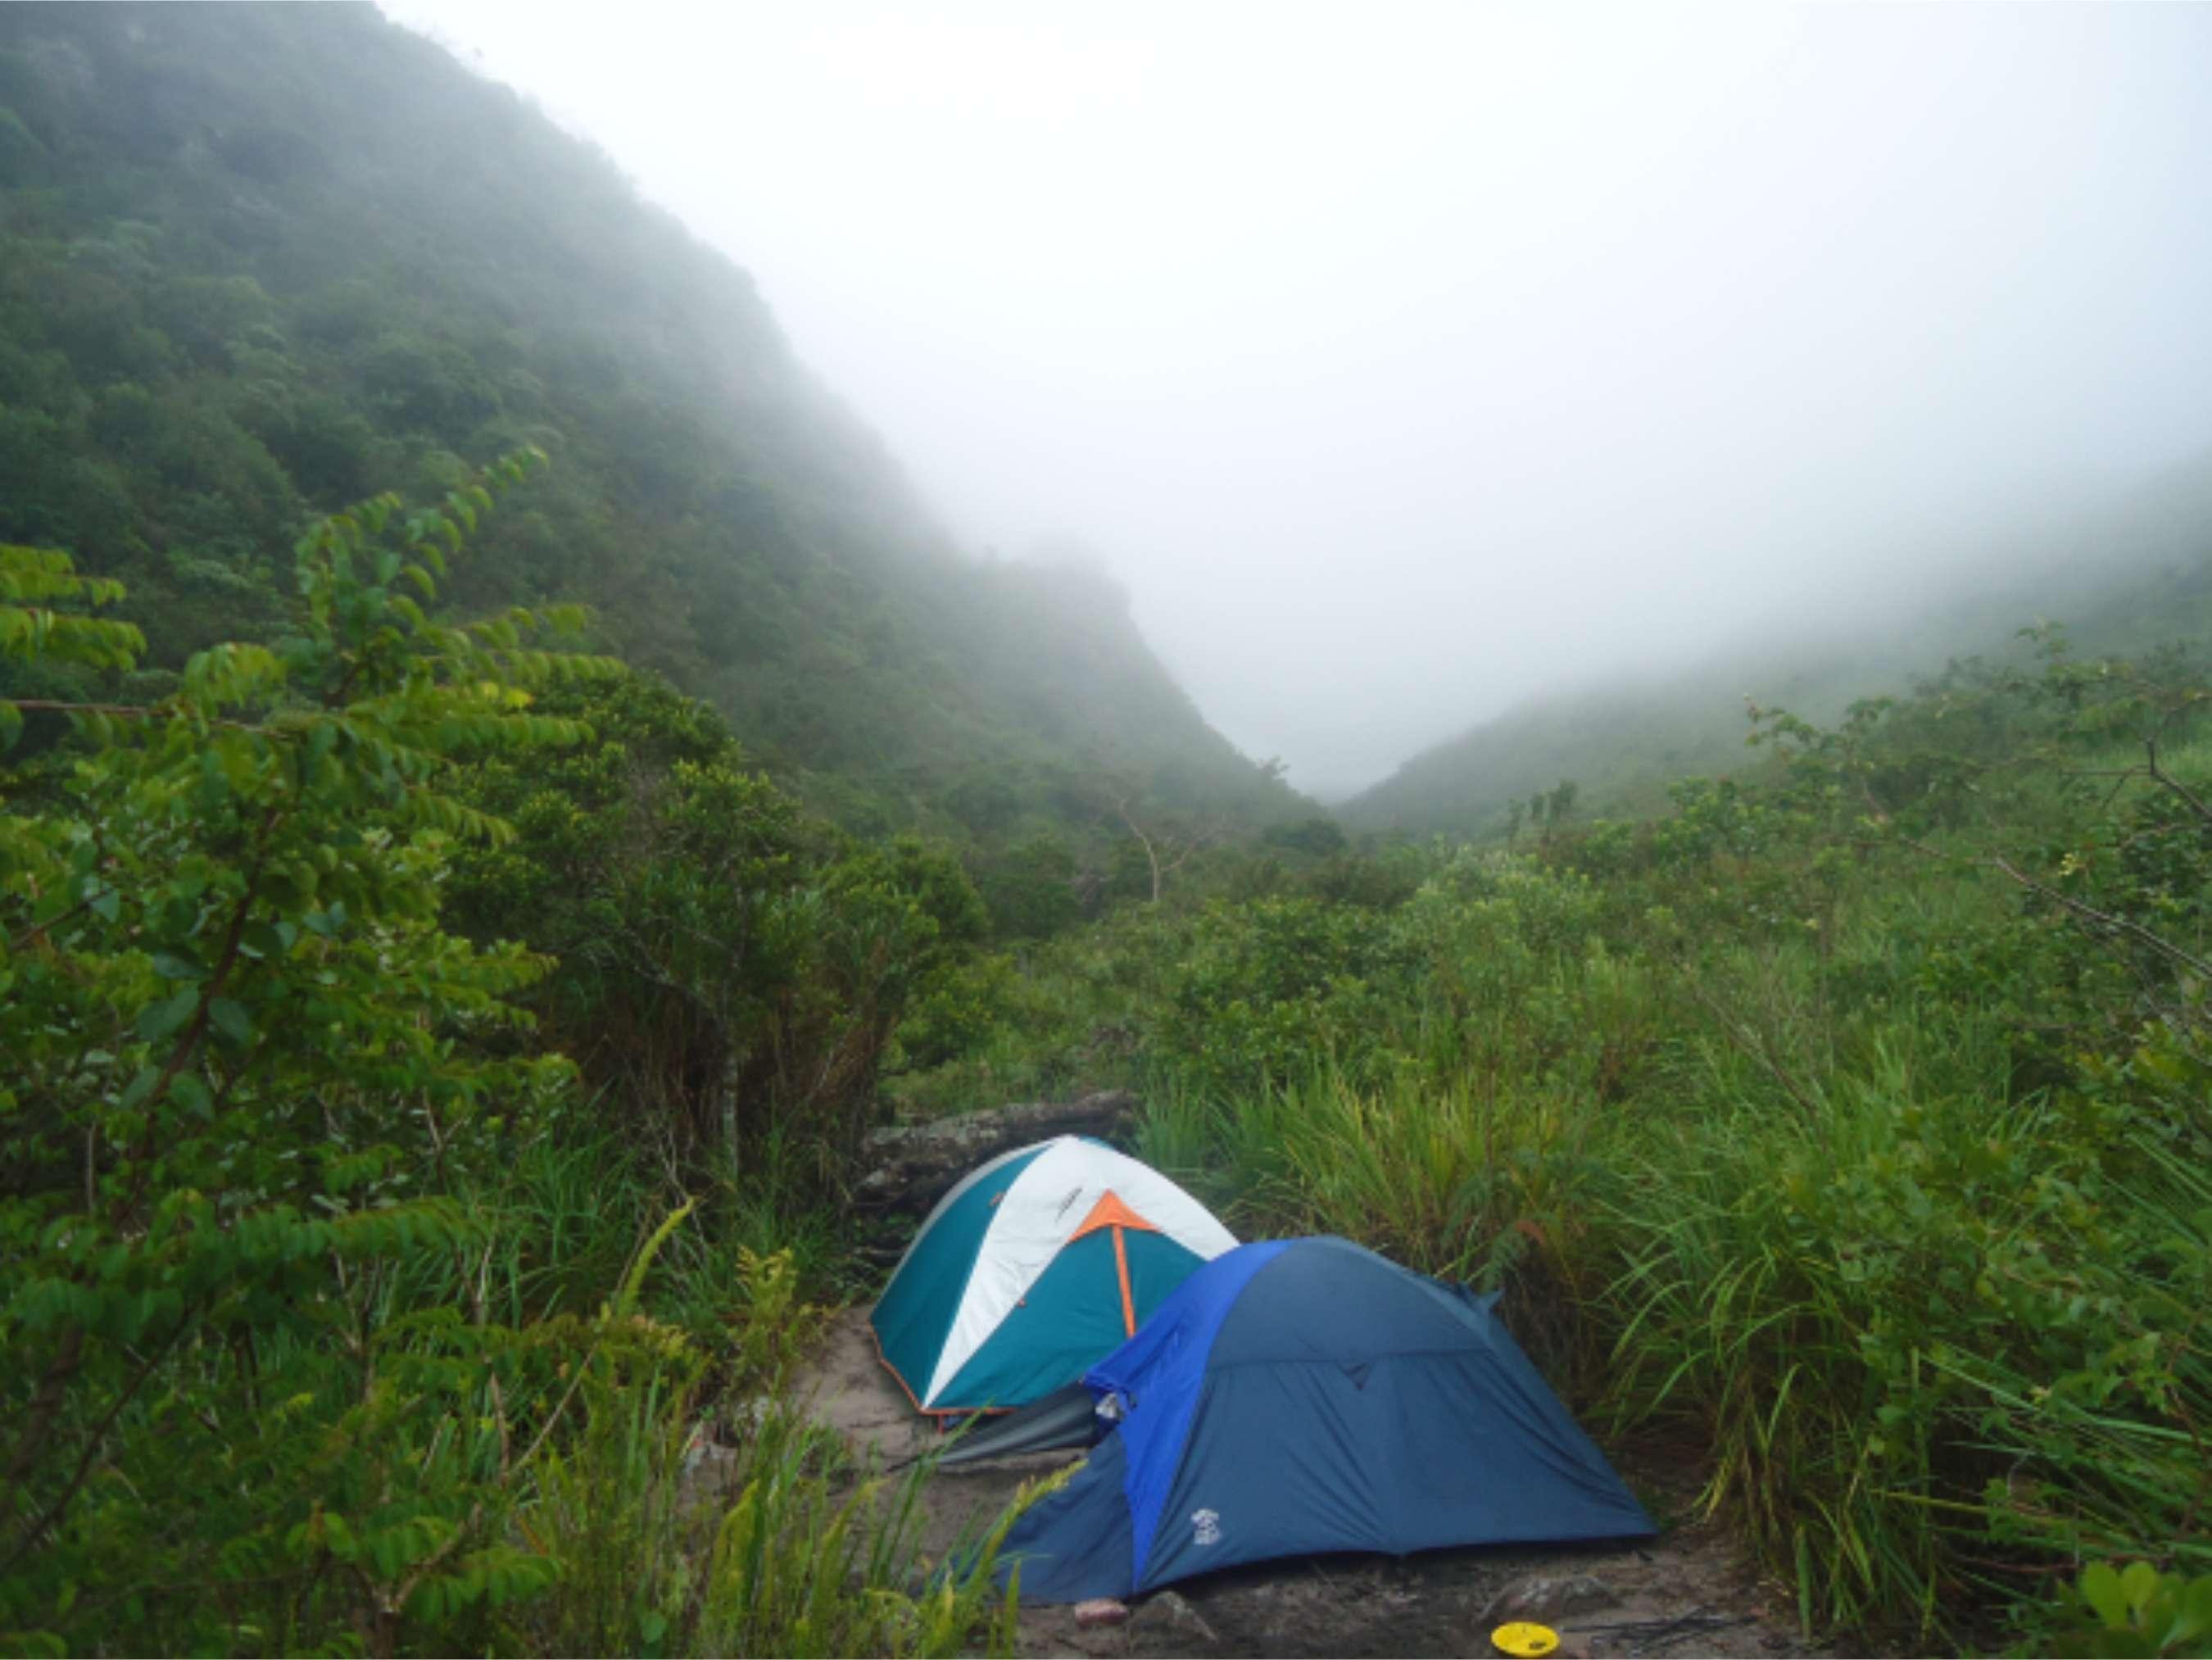 Acampando no meio da Serra